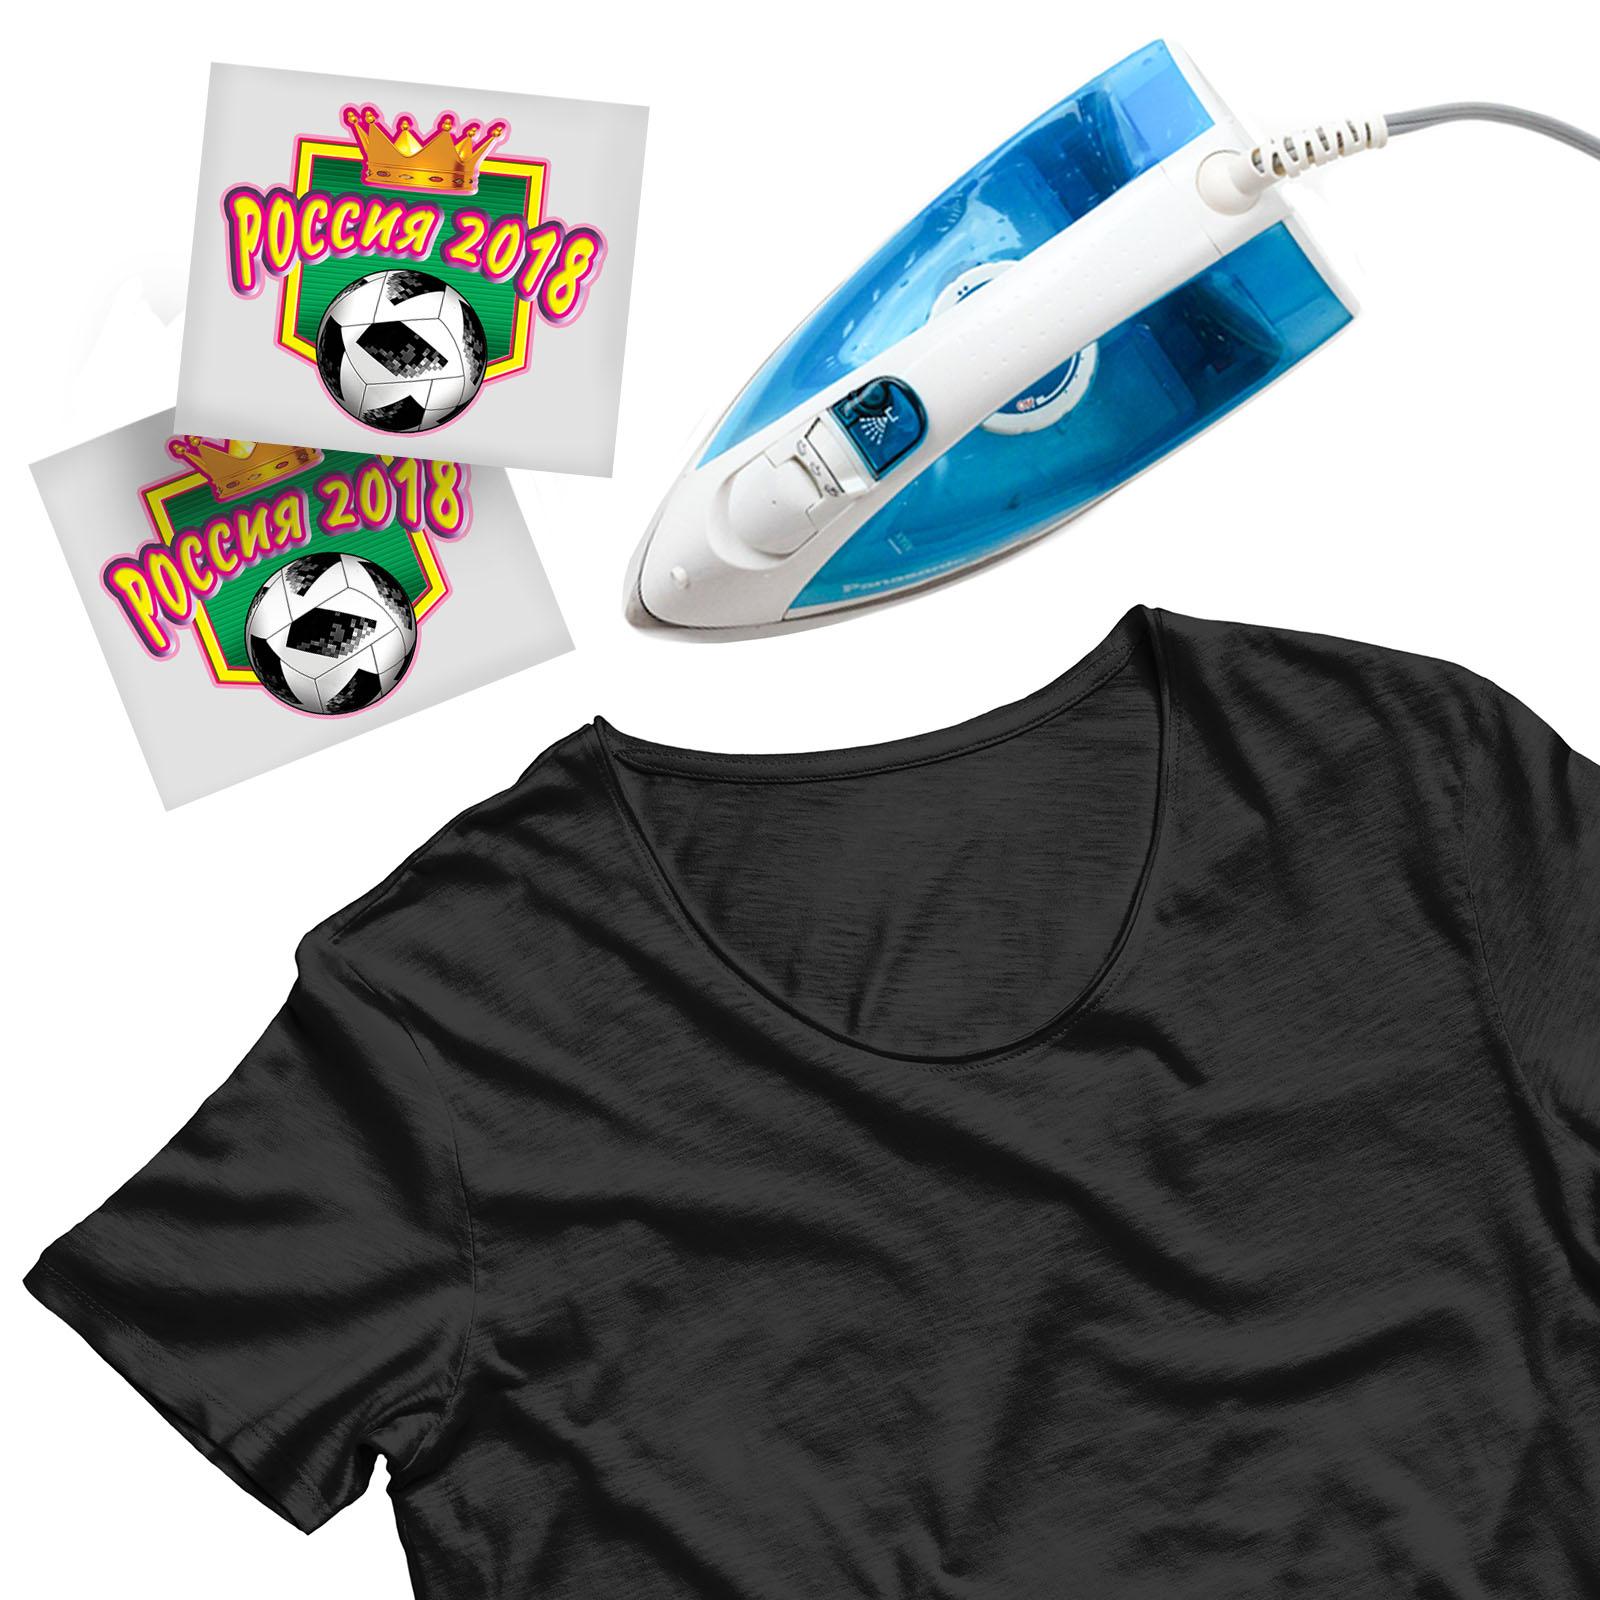 Крутая наклейка-термотрансфер на футболку - купить в подарок